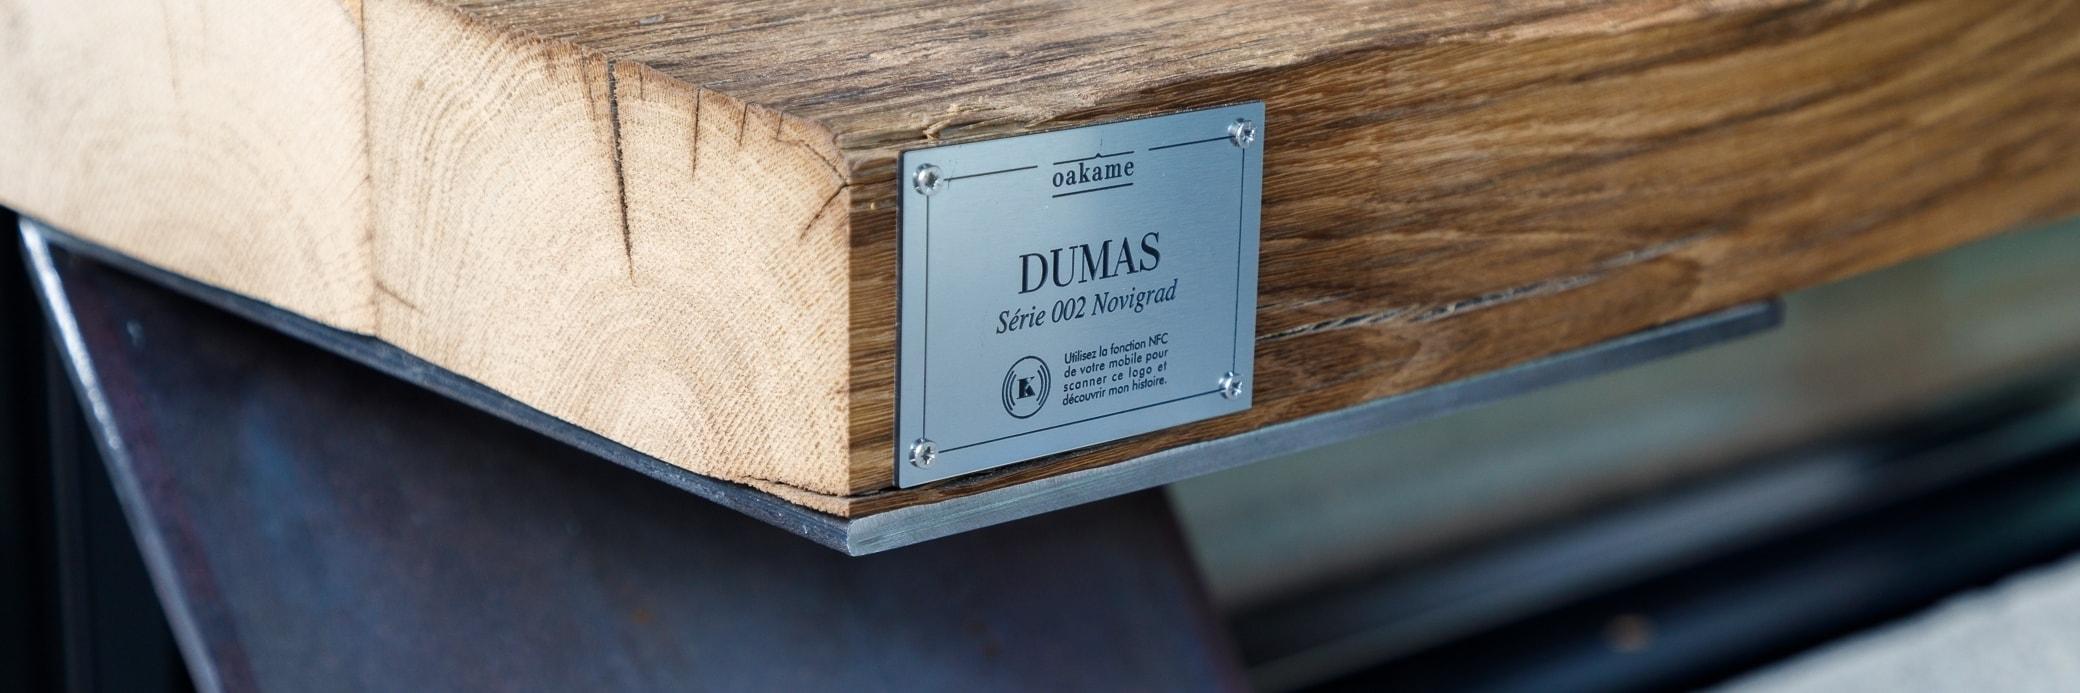 Outdoor Oak Wooden Bench - Made in France - Oakâme